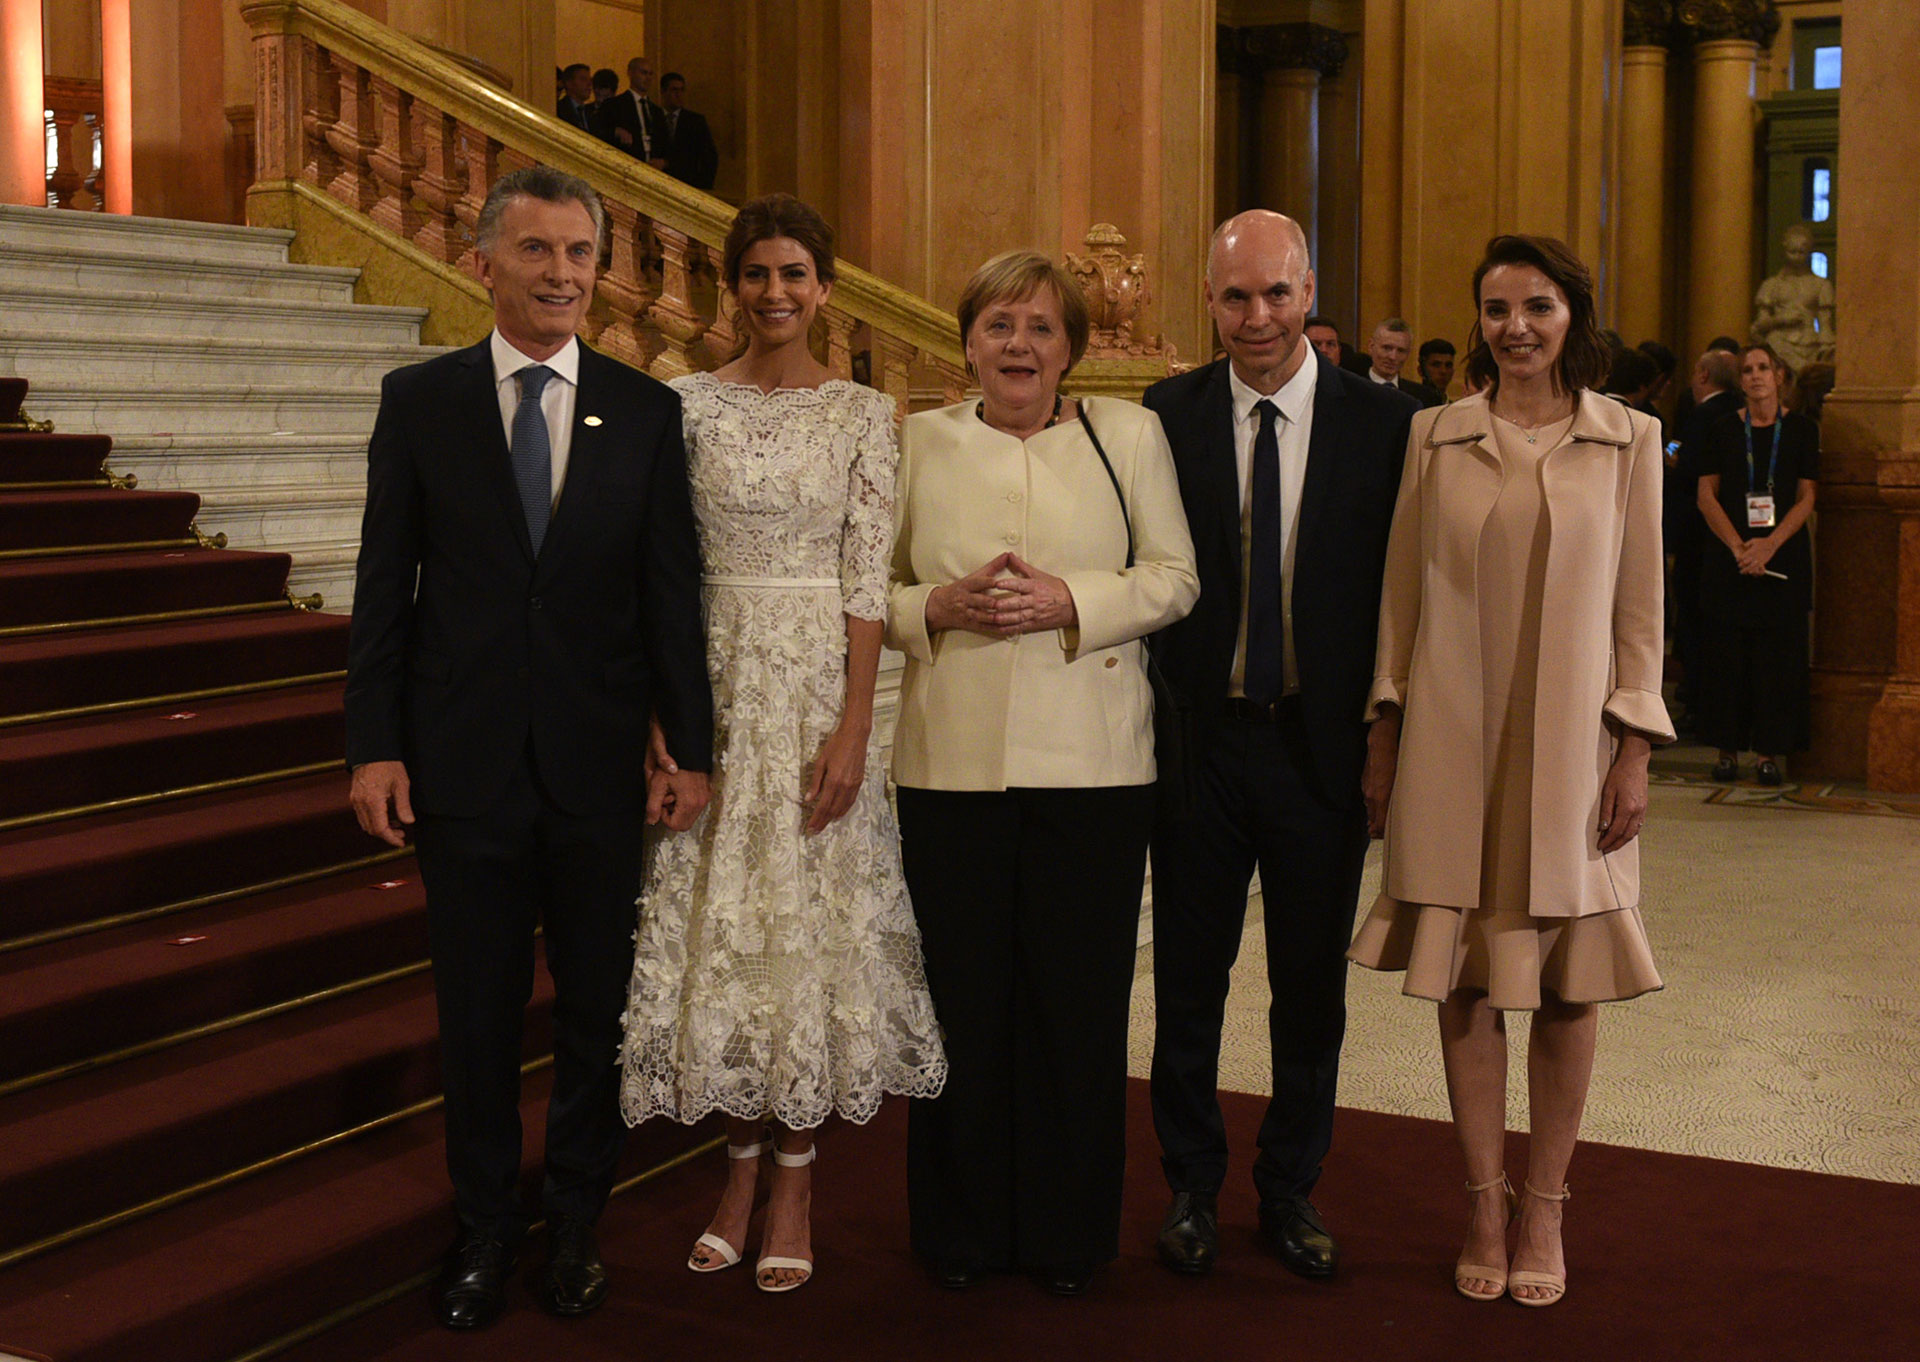 Mauricio Macri, Juliana Awada, la canciller alemana Angela Merkel; Horacio Rodríguez Larreta y Bárbara Diez